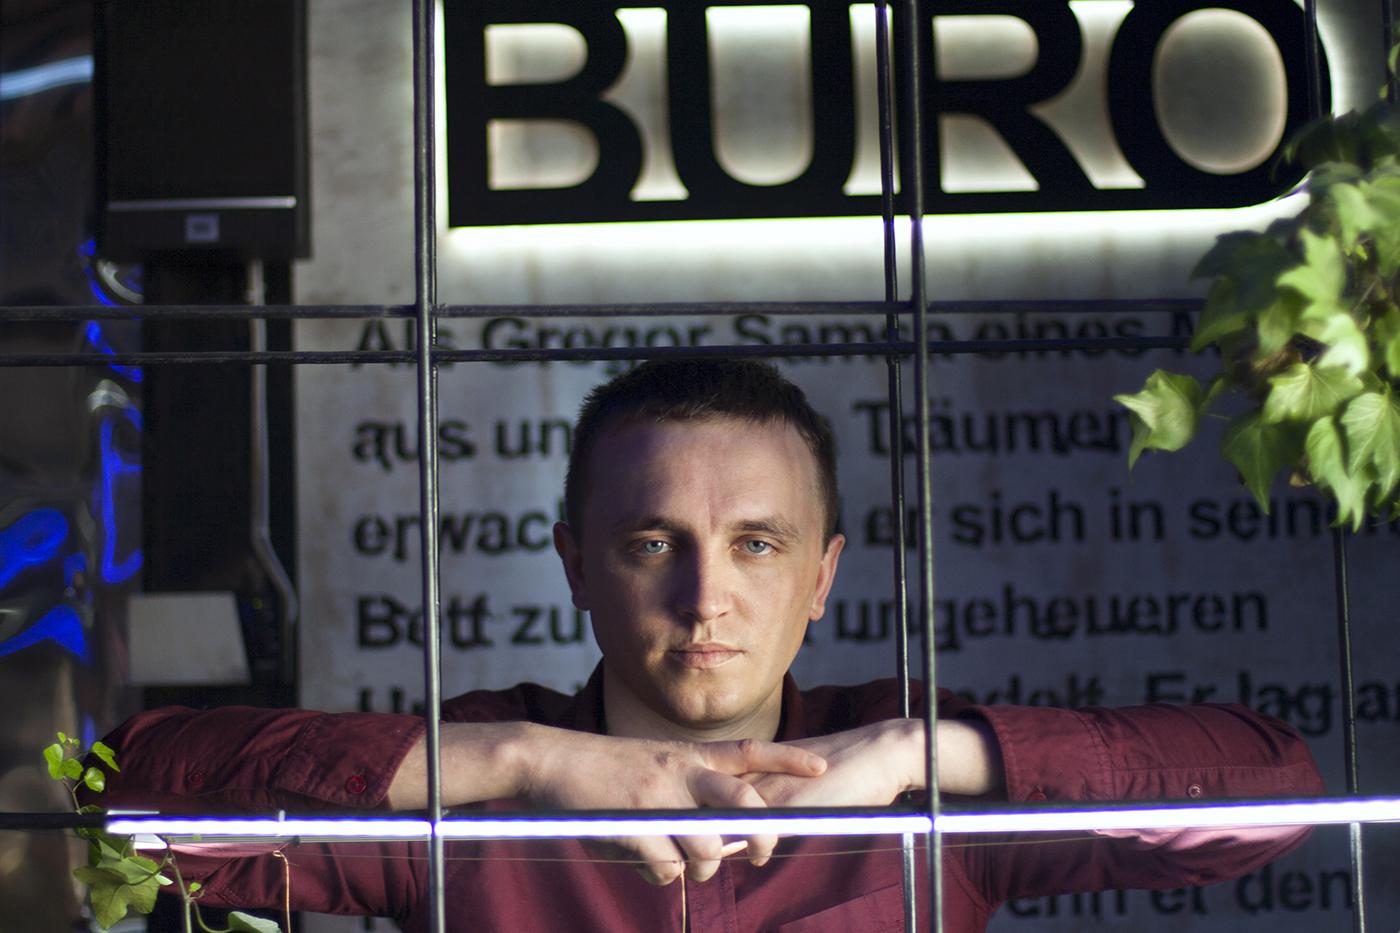 Своє місце #1. BÜRO: бар з берлінським техно своїми руками